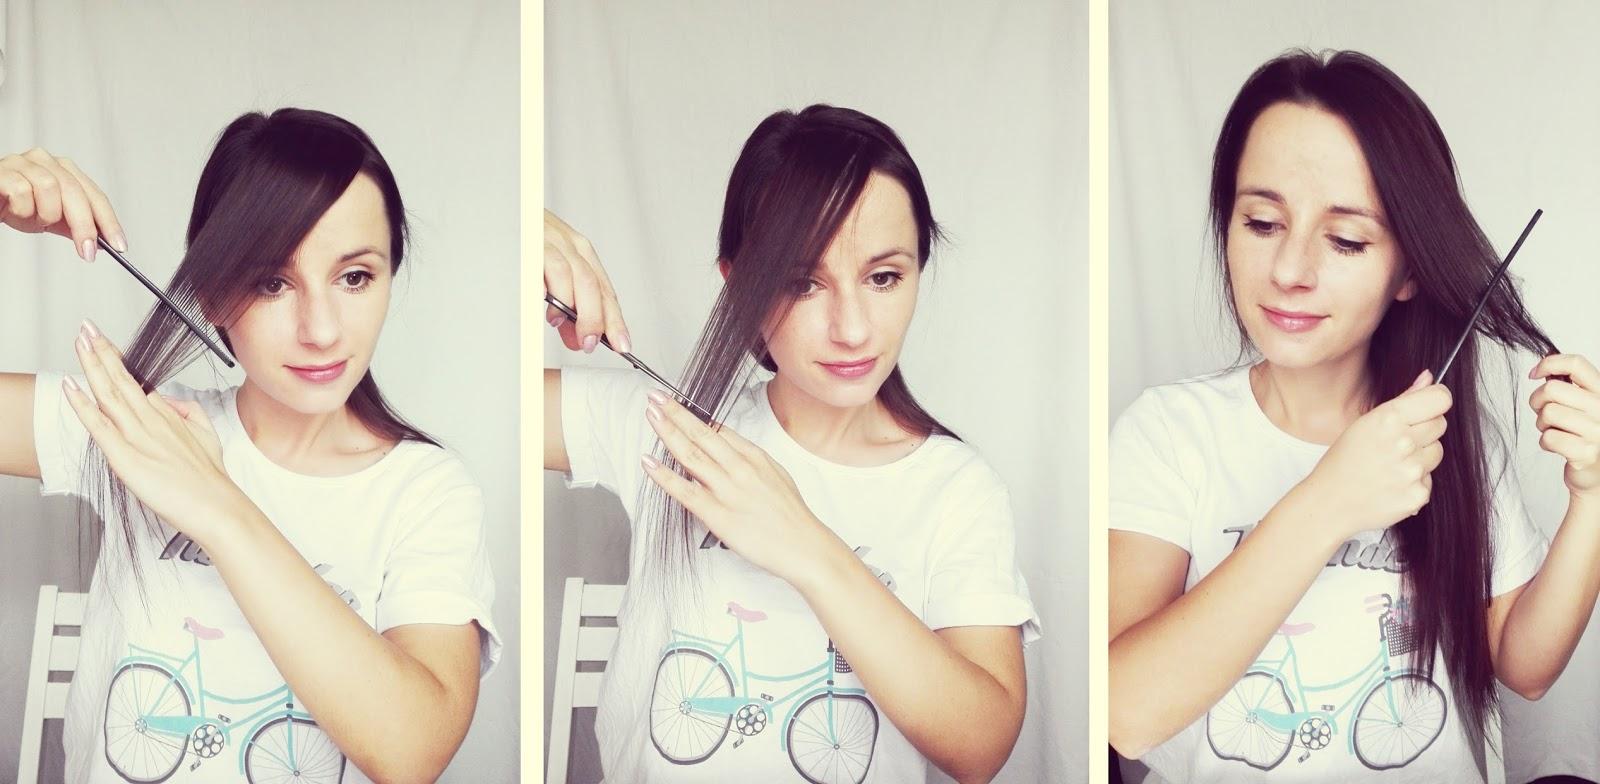 Jak Obciąć Sobie Grzywkę Prosty Sposób Krok Po Kroku Hair By Jul